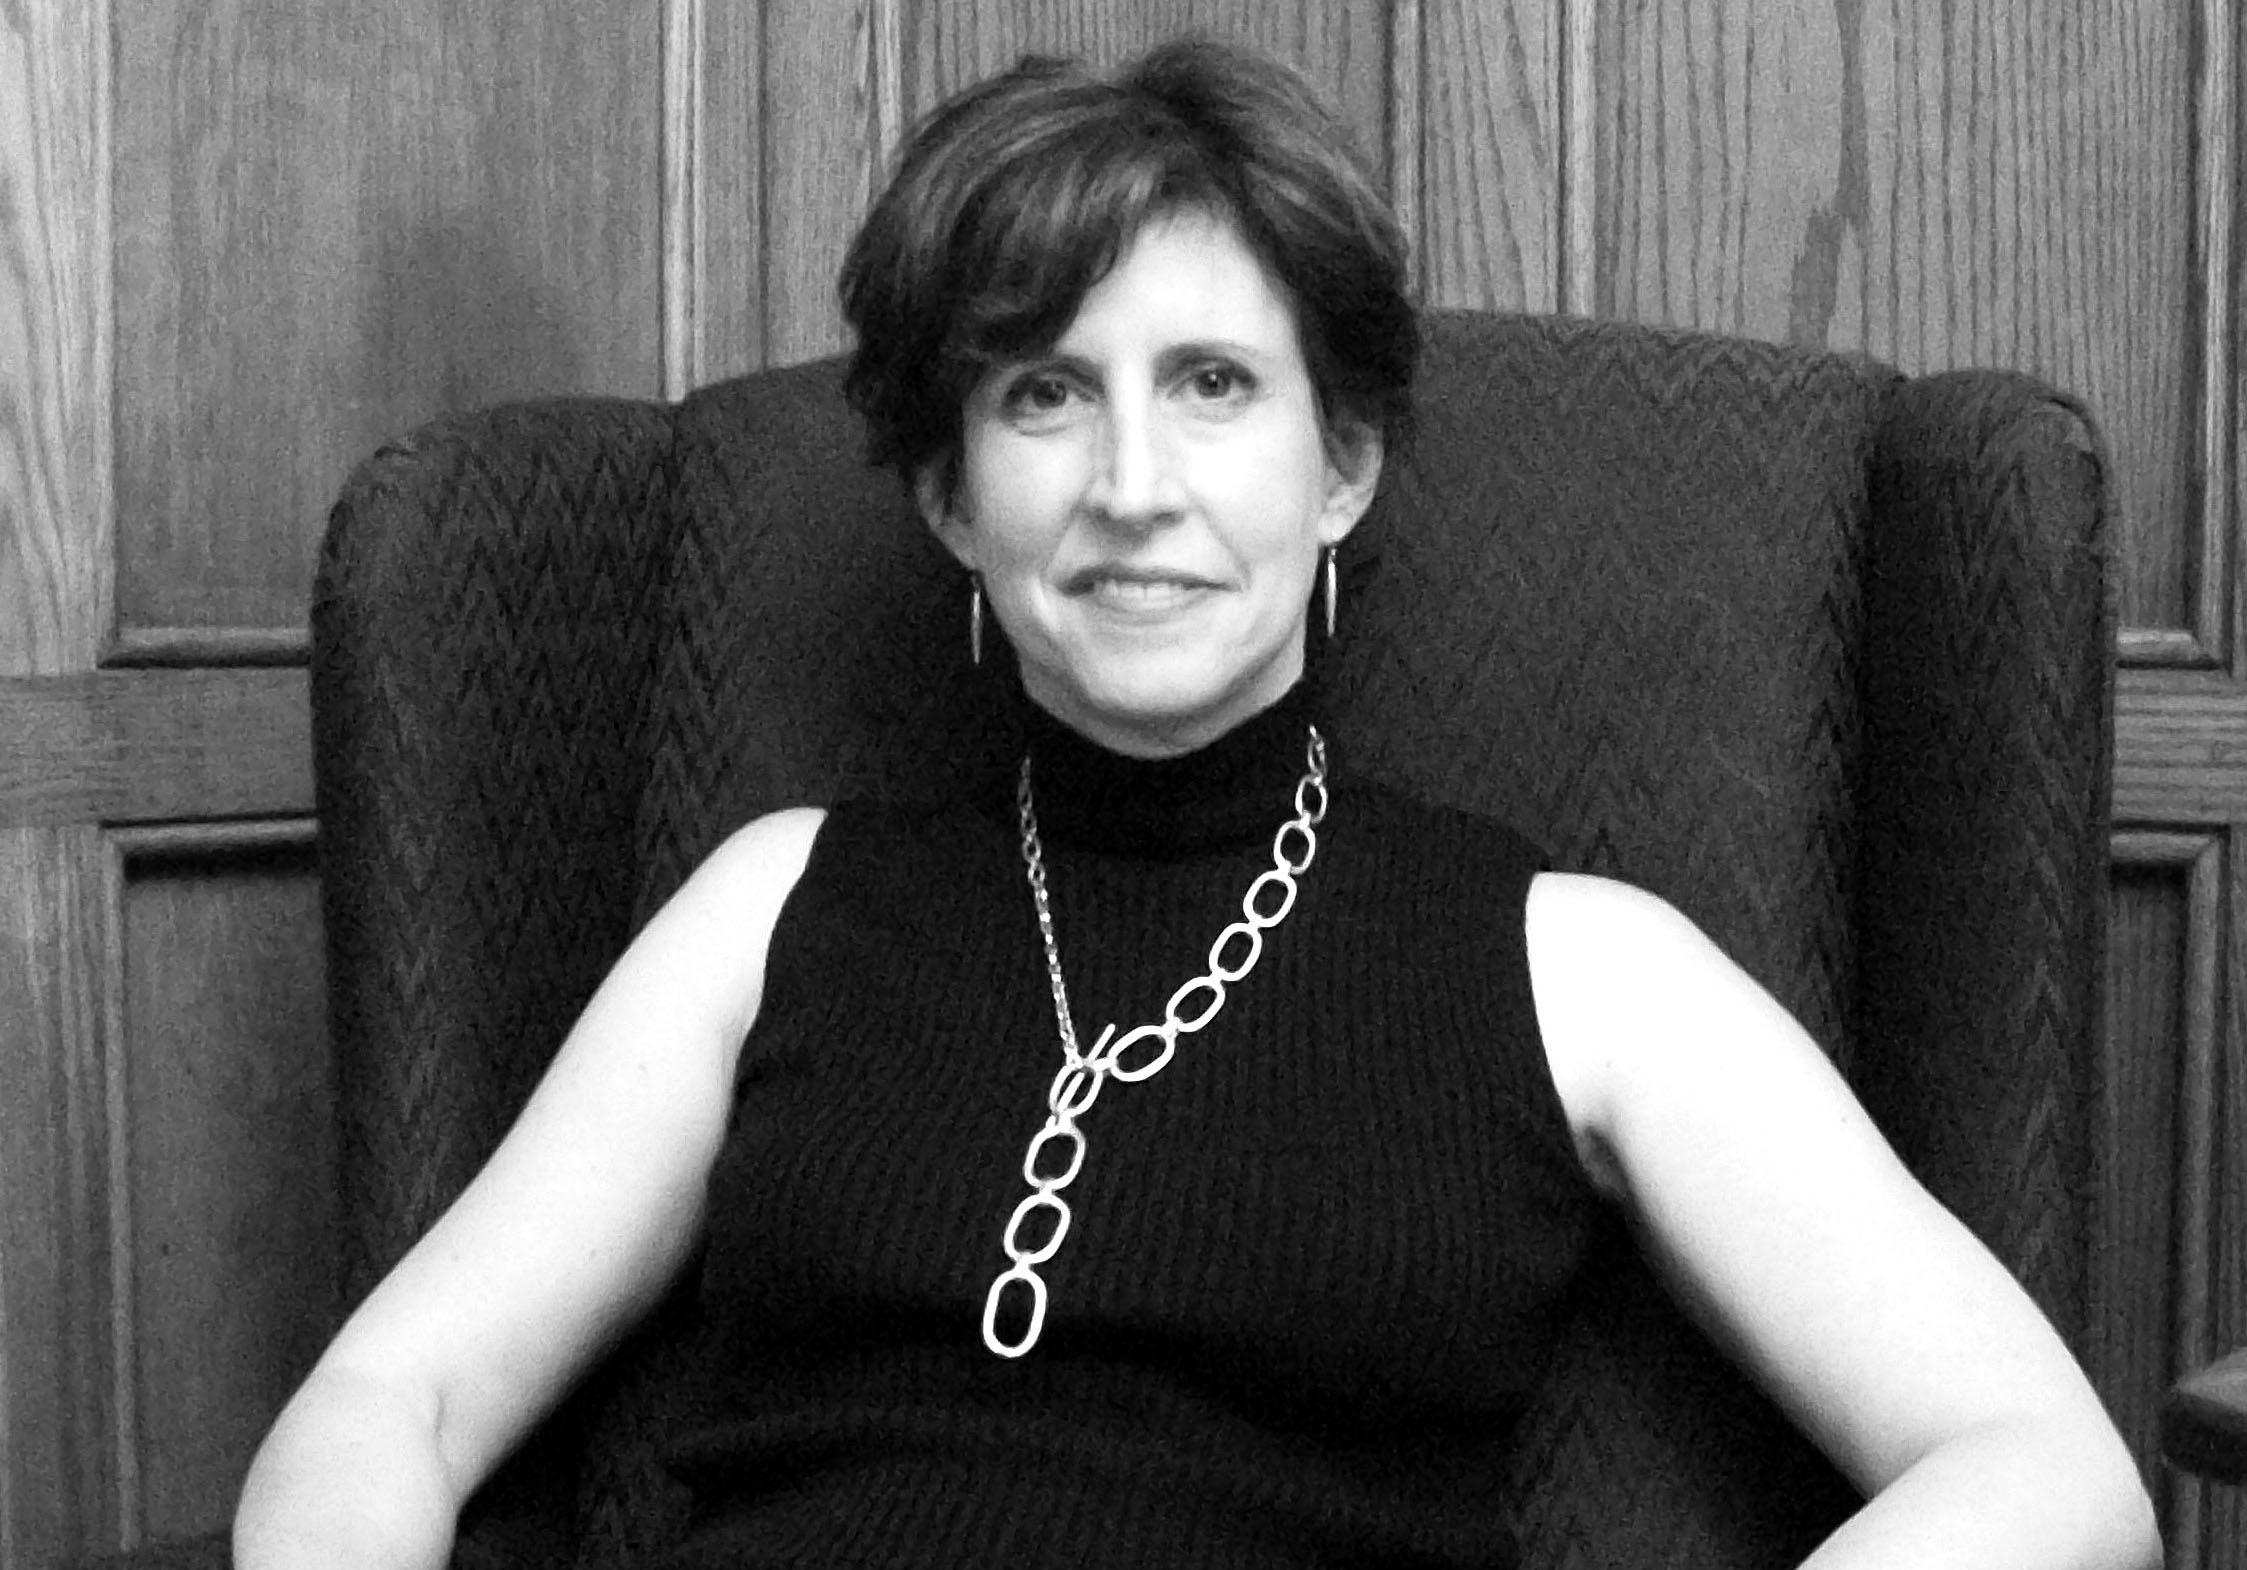 Susan Cahan